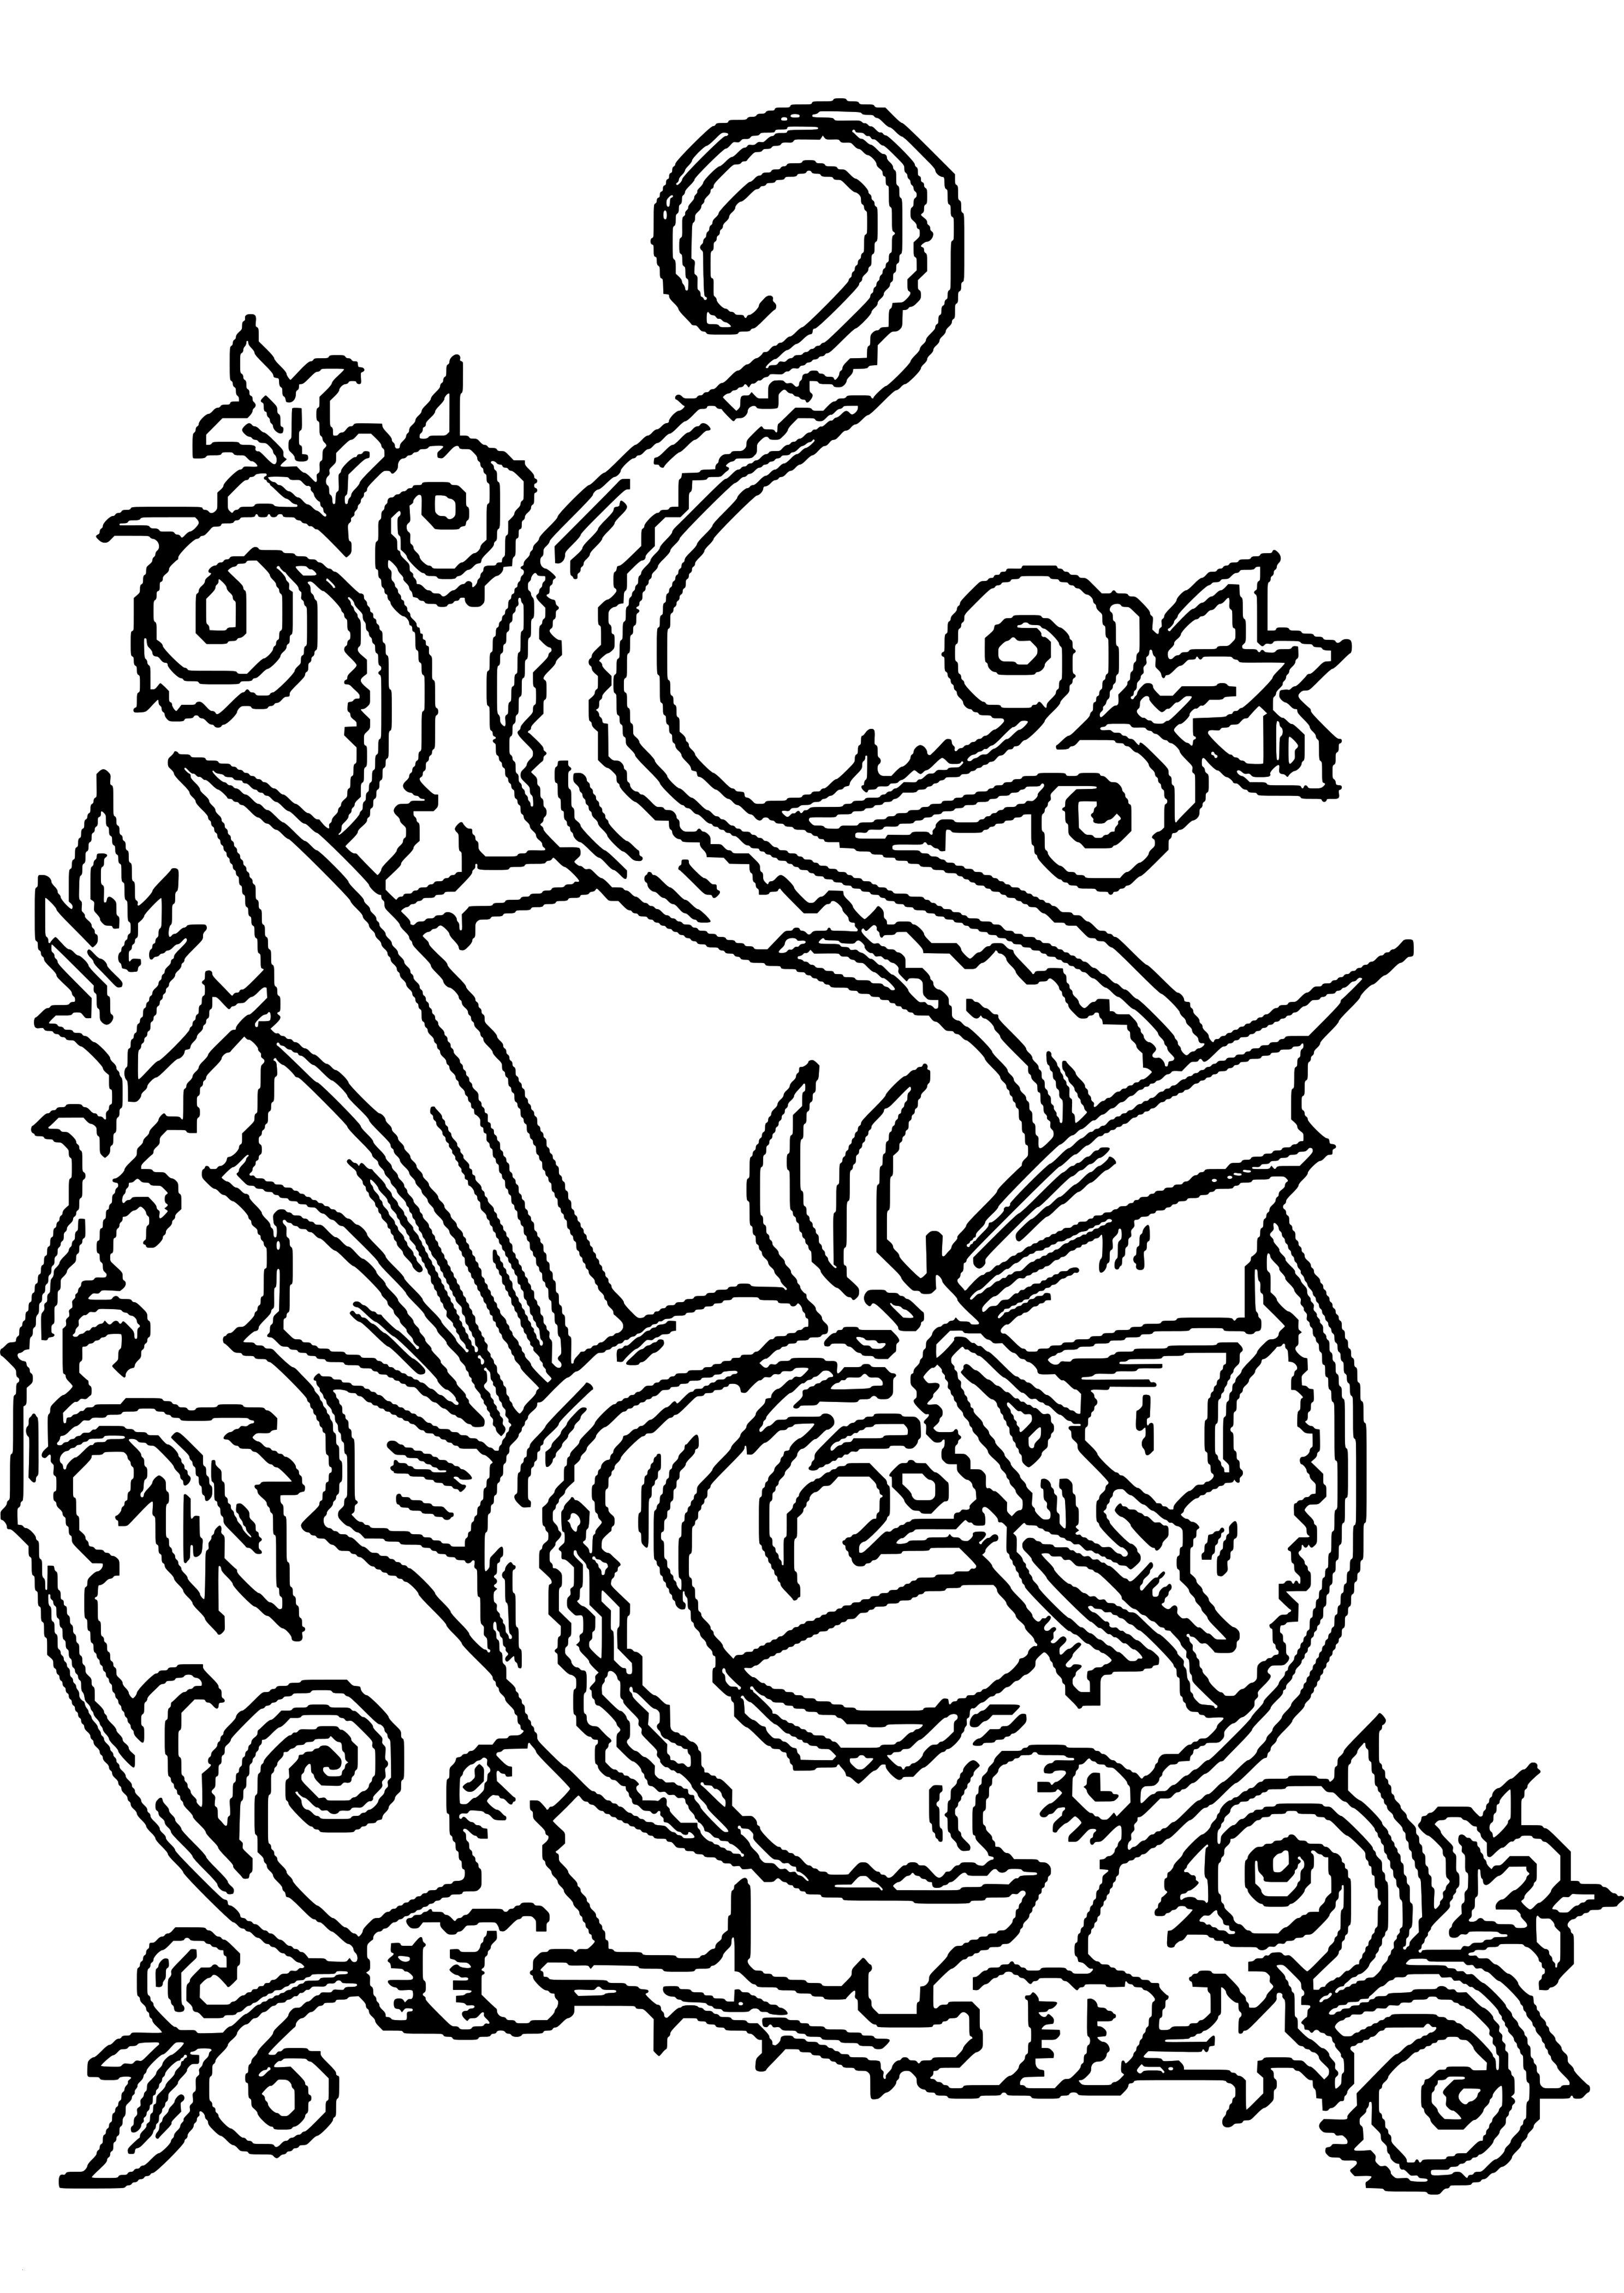 Drachen Bilder Zum Ausdrucken Kostenlos Inspirierend Drachen Malvorlagen Neu Ausmalbilder Drachen Kostenlos Malvorlagen Bilder